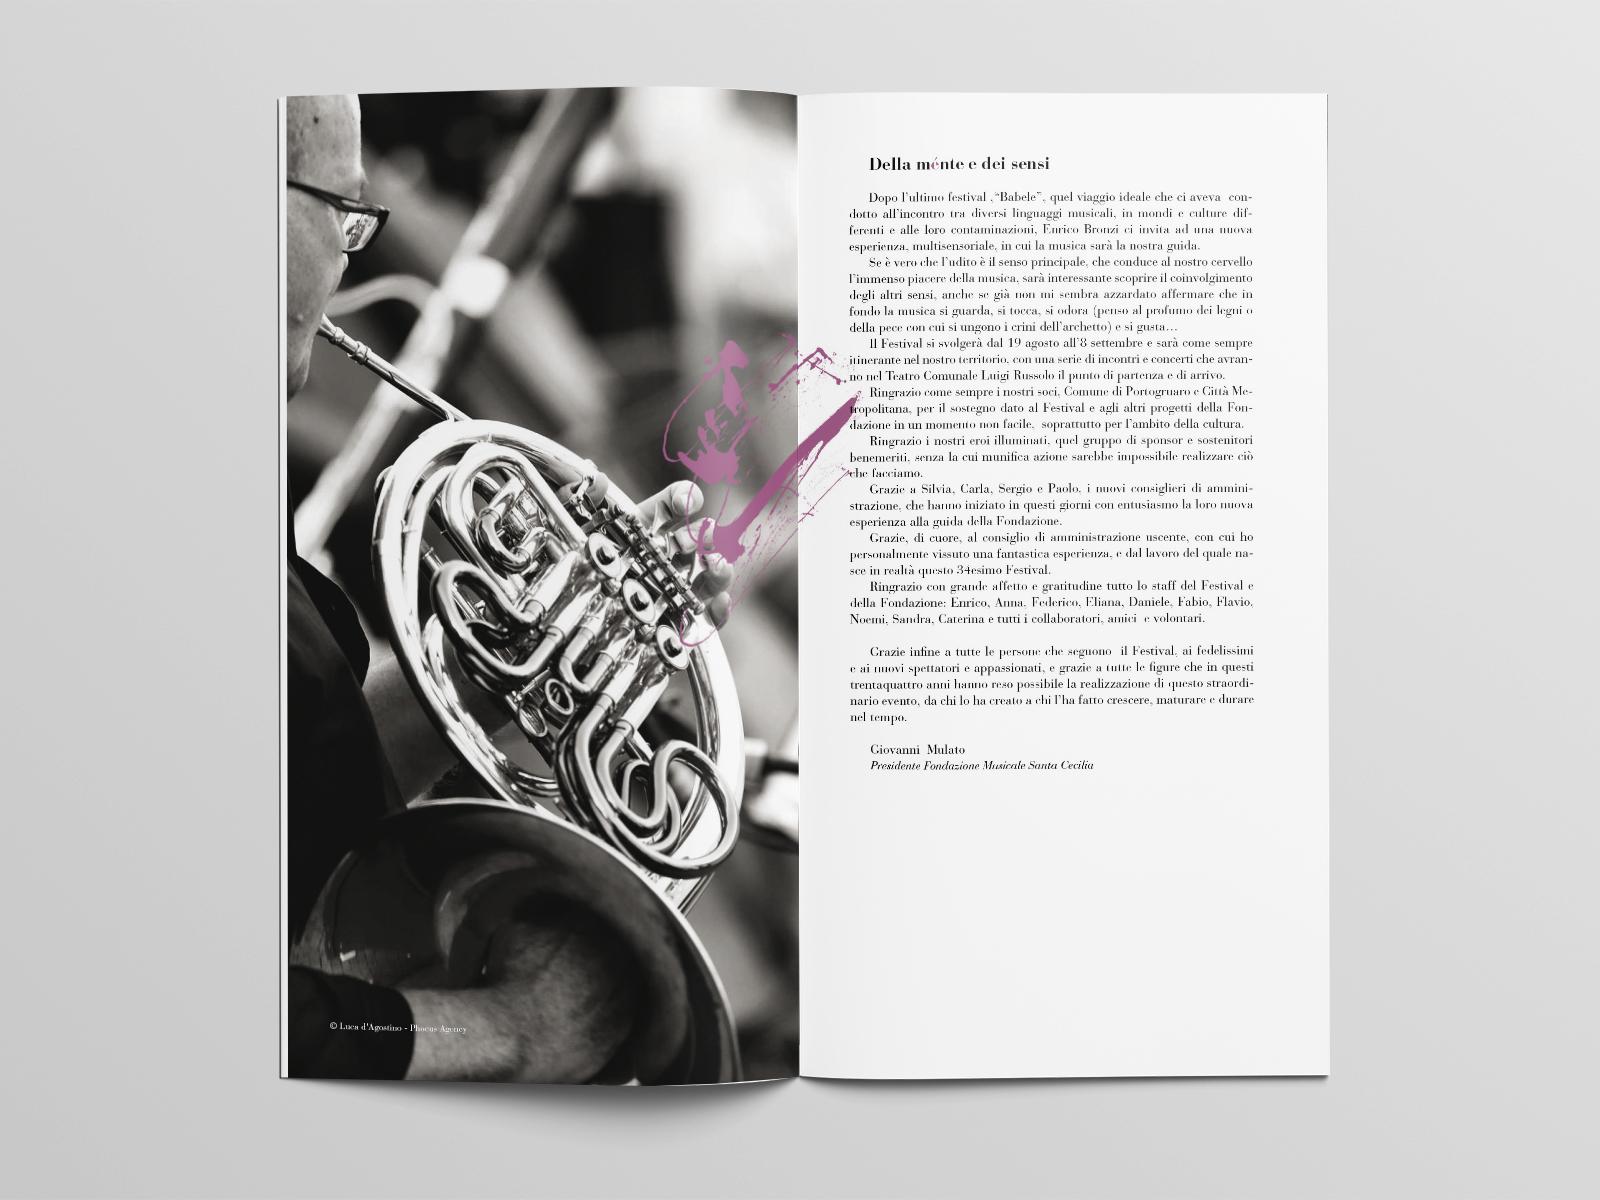 portogruaro-libretto16-01